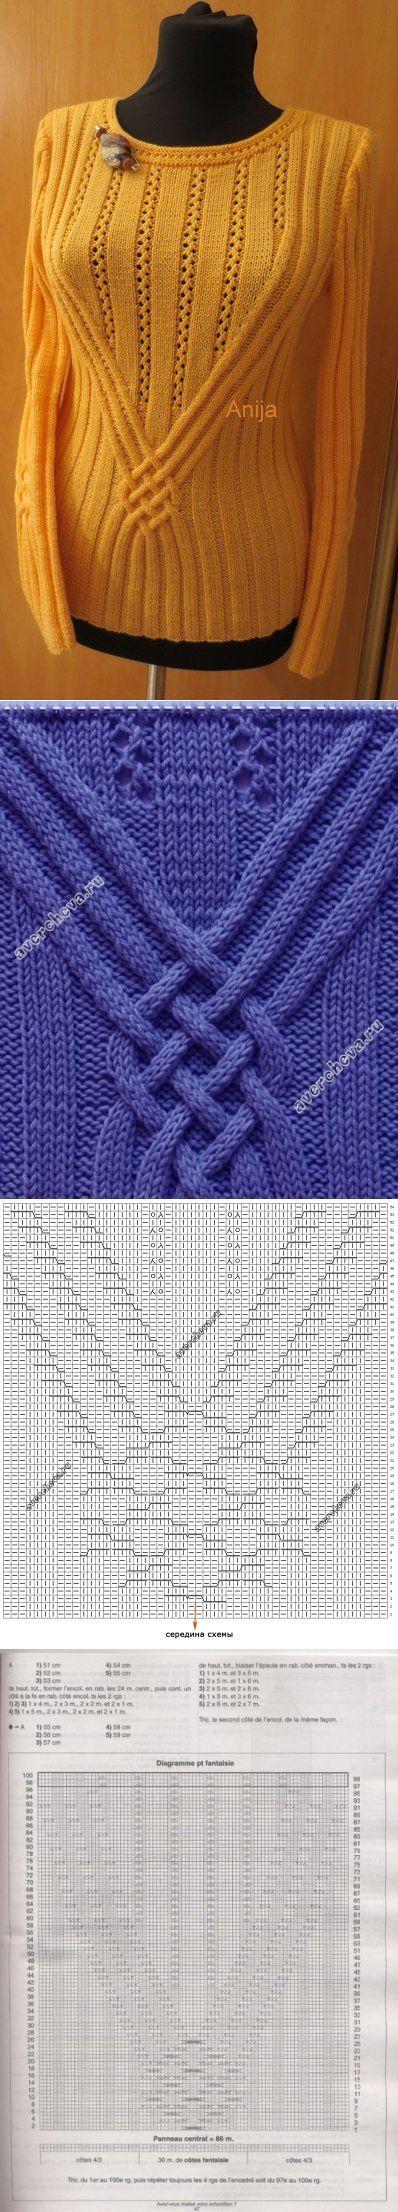 женский пуловер спицами с оригинально использованым аранским узором